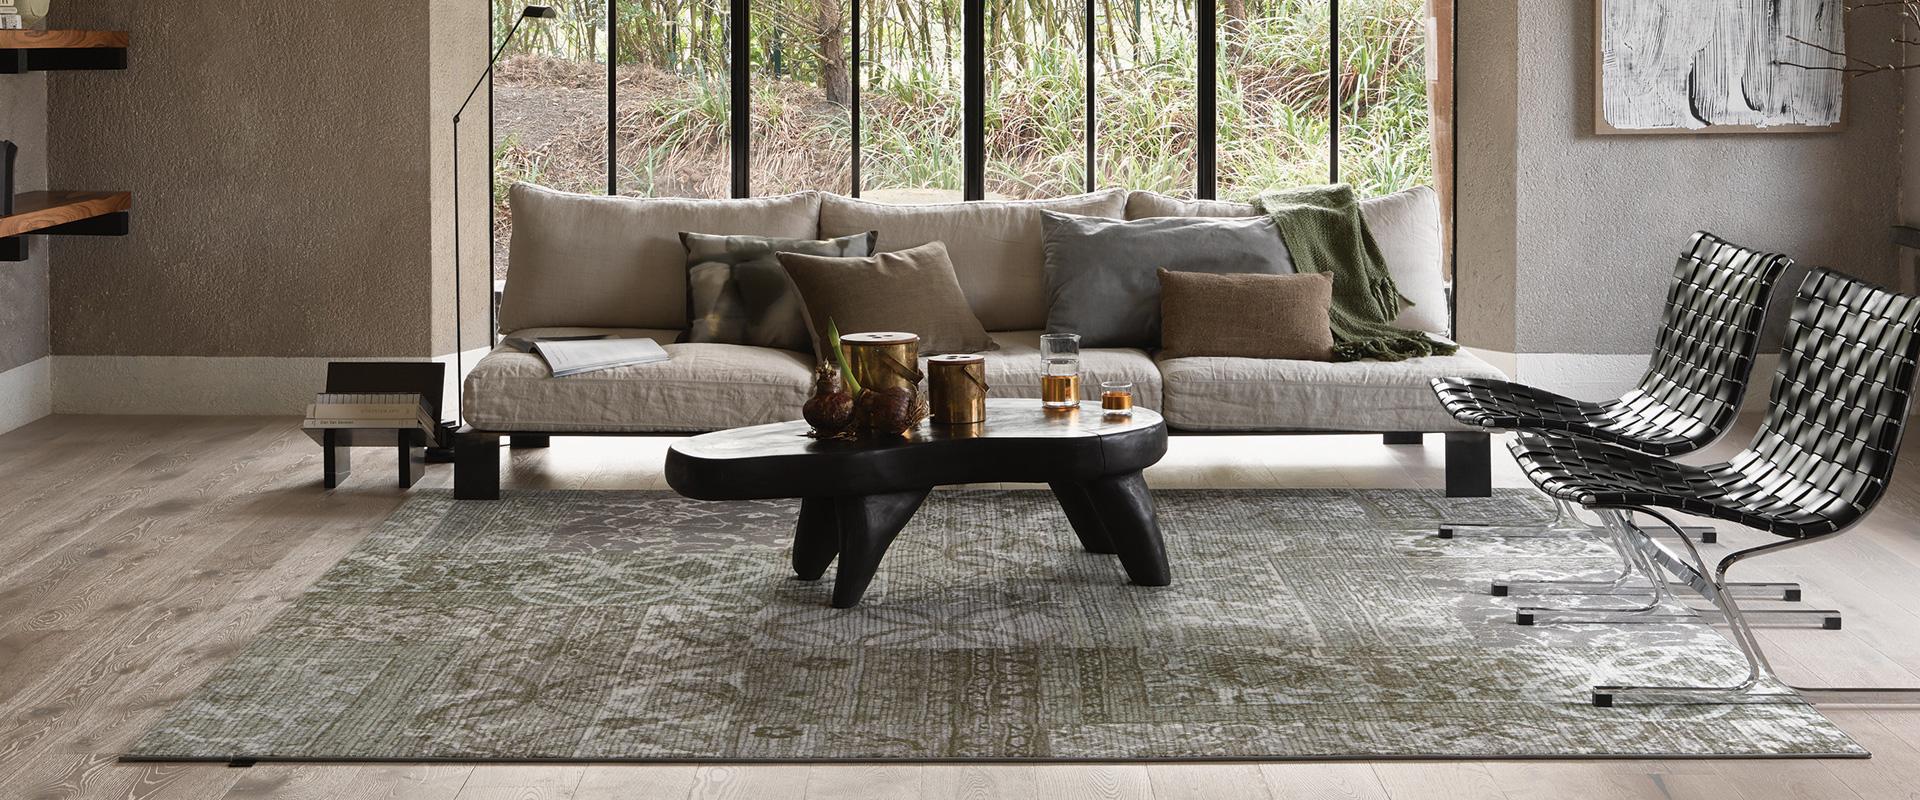 Informatie over tapijt